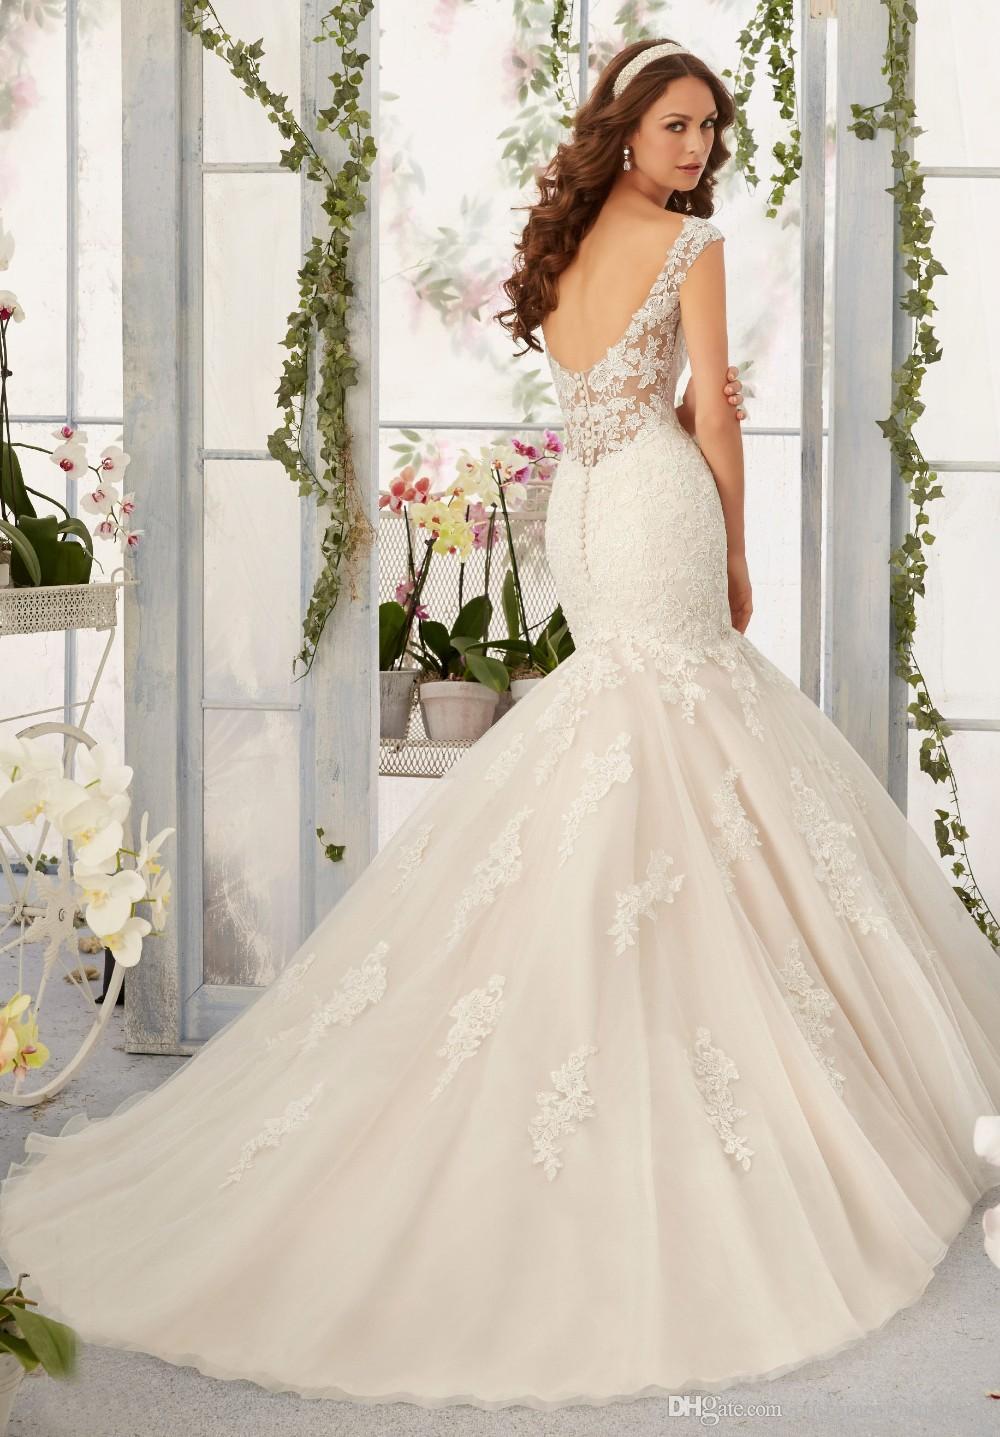 2018 Новая Весна На Заказ Классический Современный Стиль Аппликации Милая Органза Русалка Свадебное Платье Свадебные Платья